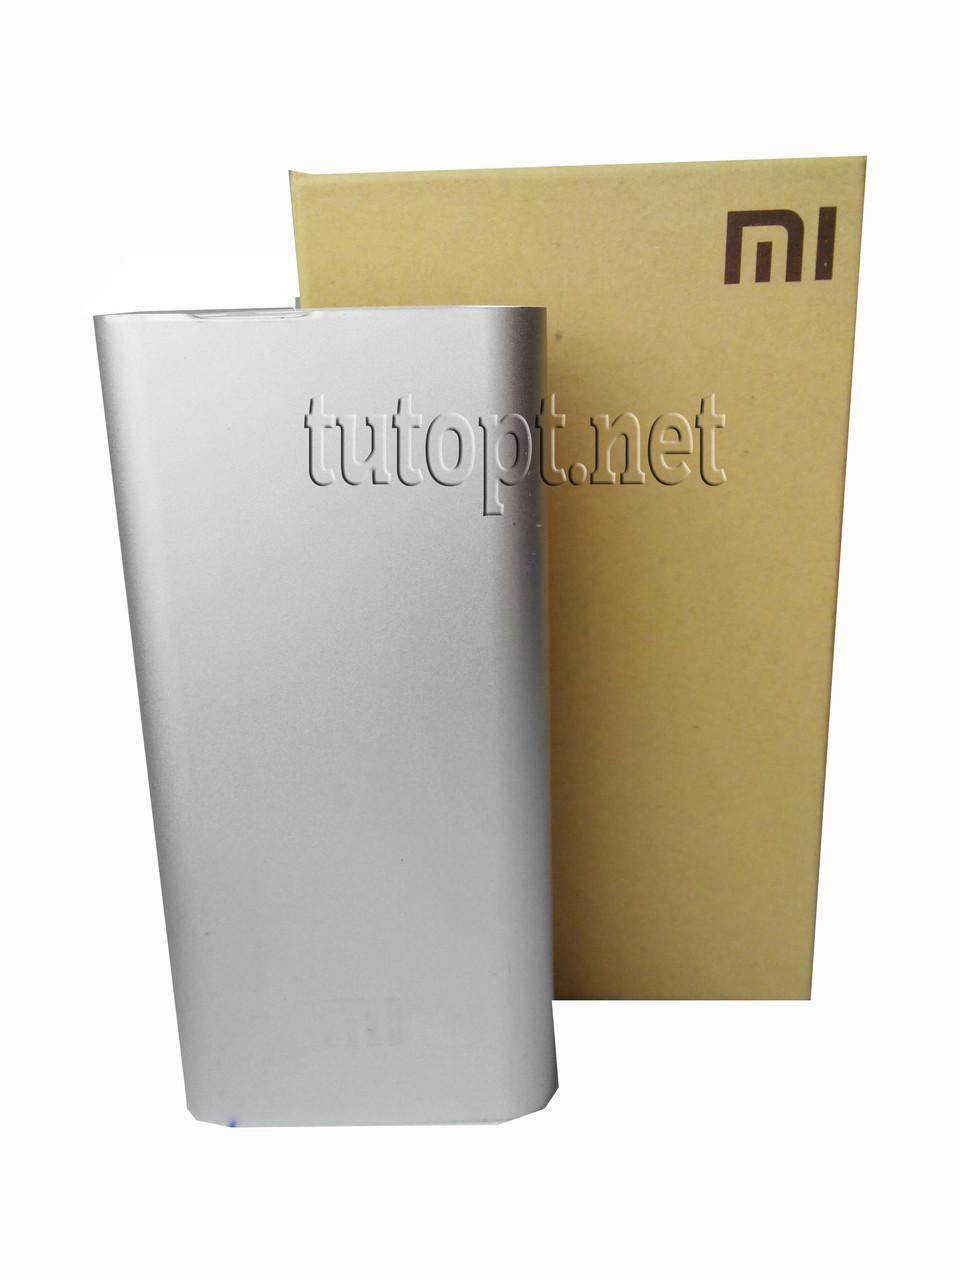 Power Bank Xiaomi 3.6V - 20800 mAh Output - DC 5.0V - 2.0A / DC 5.1V - 2.1A(реальная емкость меньше)